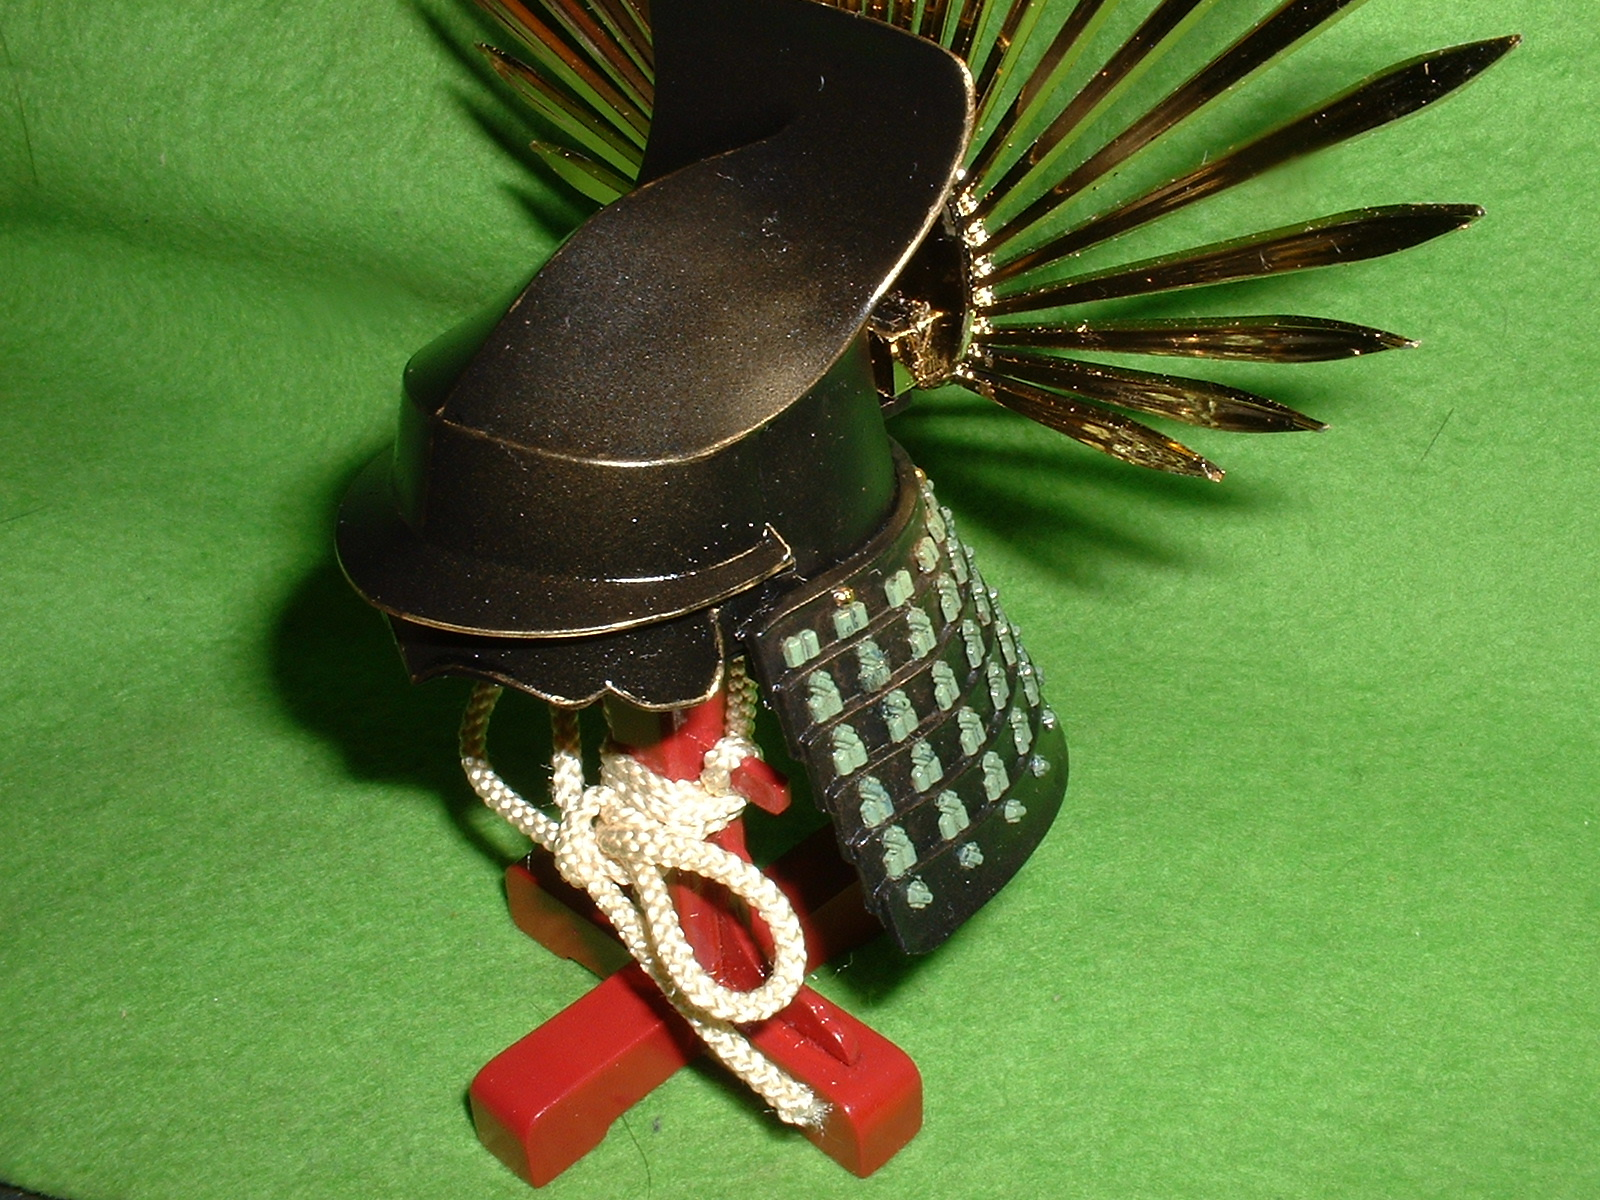 4分の1 相原・緑商会 豊臣秀吉の兜 完成品 鉢を斜め前から Doburoku-TAO.JPG